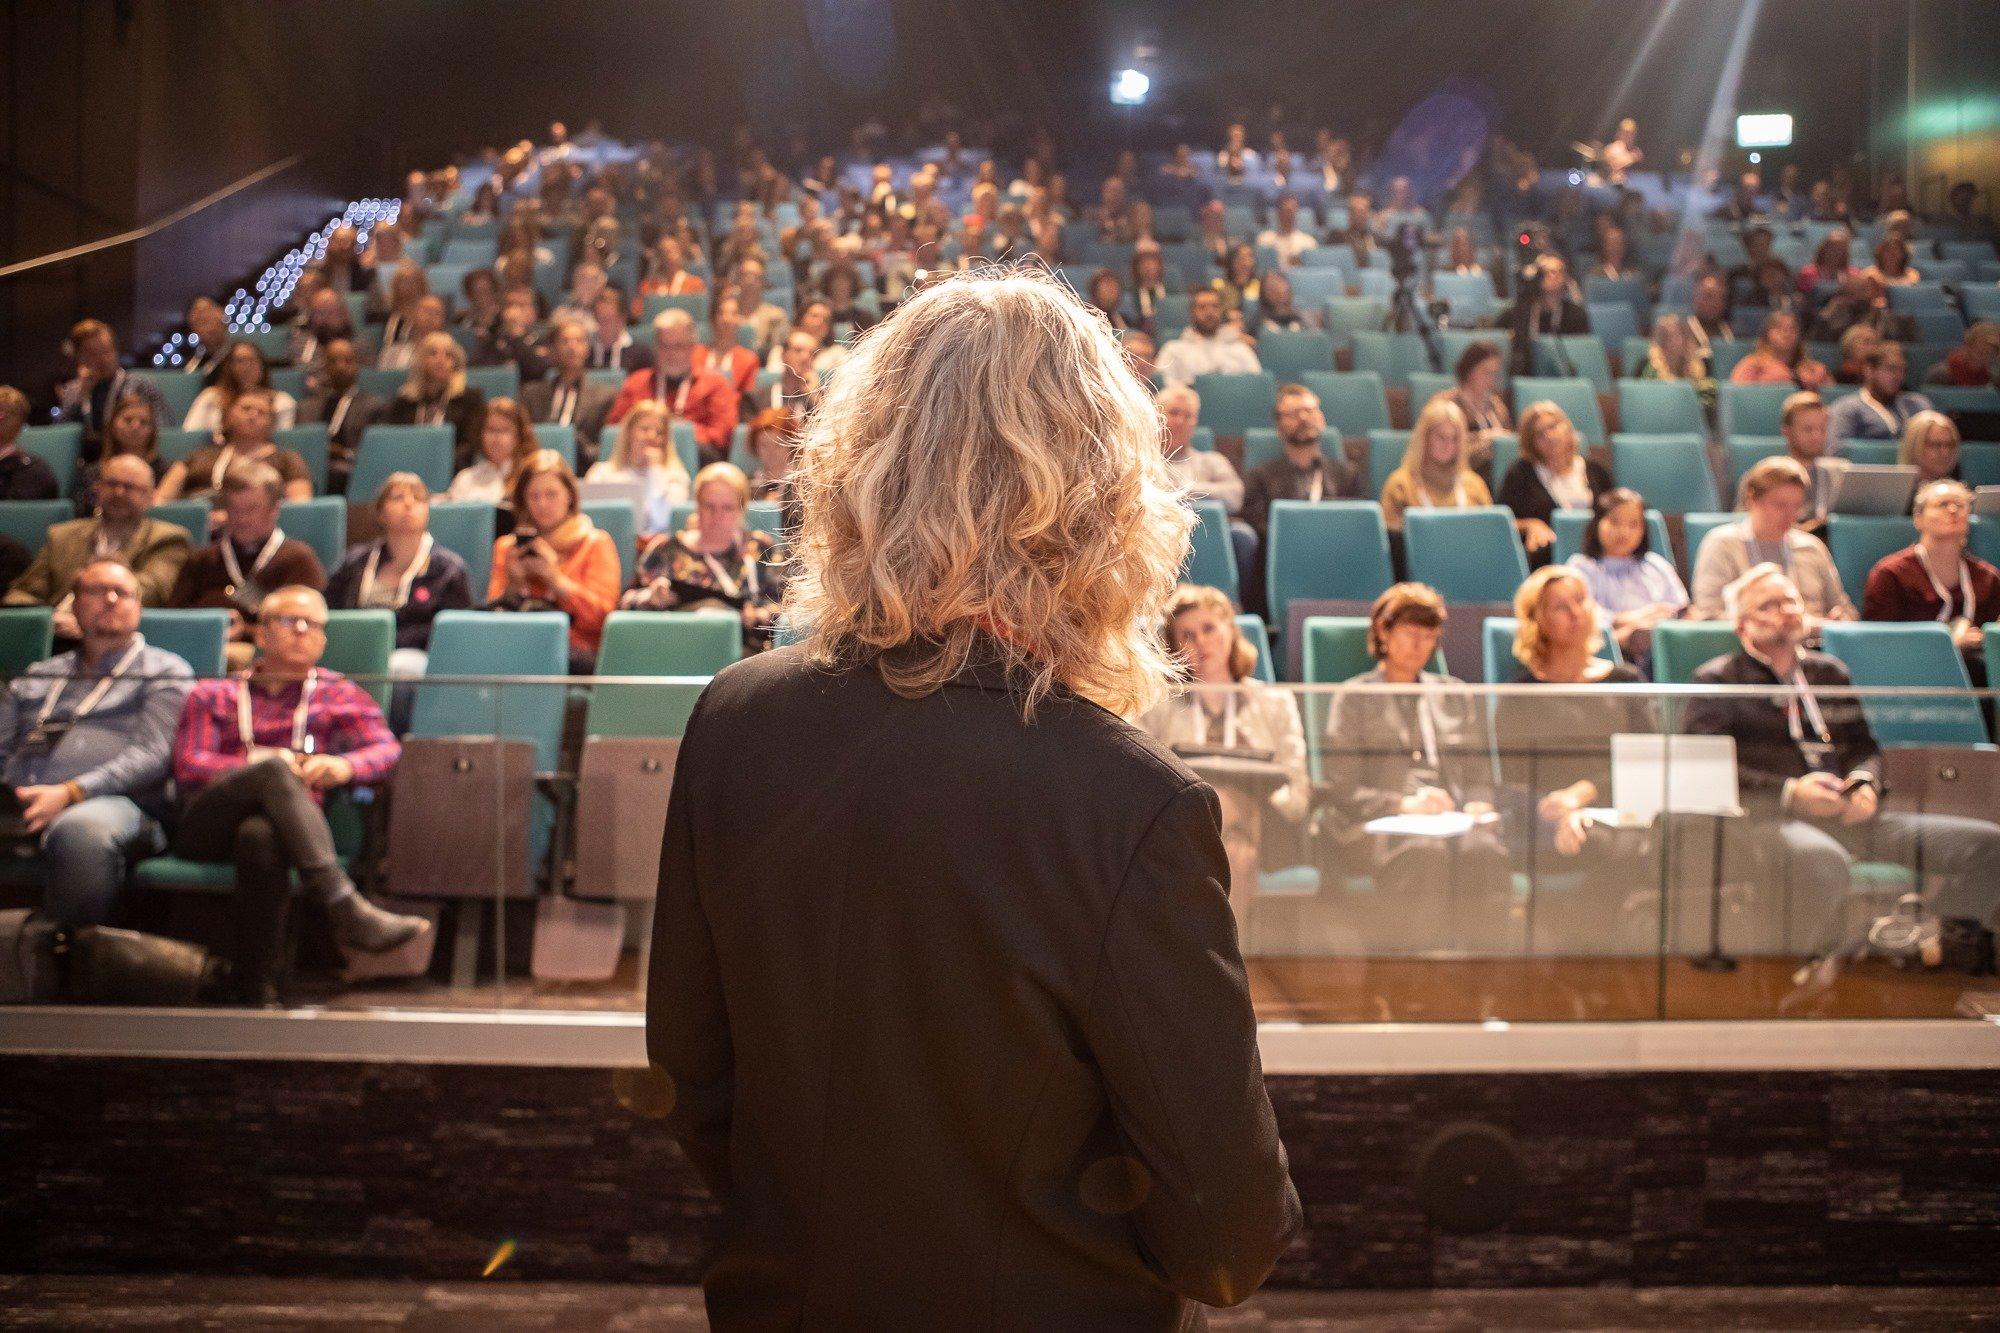 Kvinna som står framför en stor publik